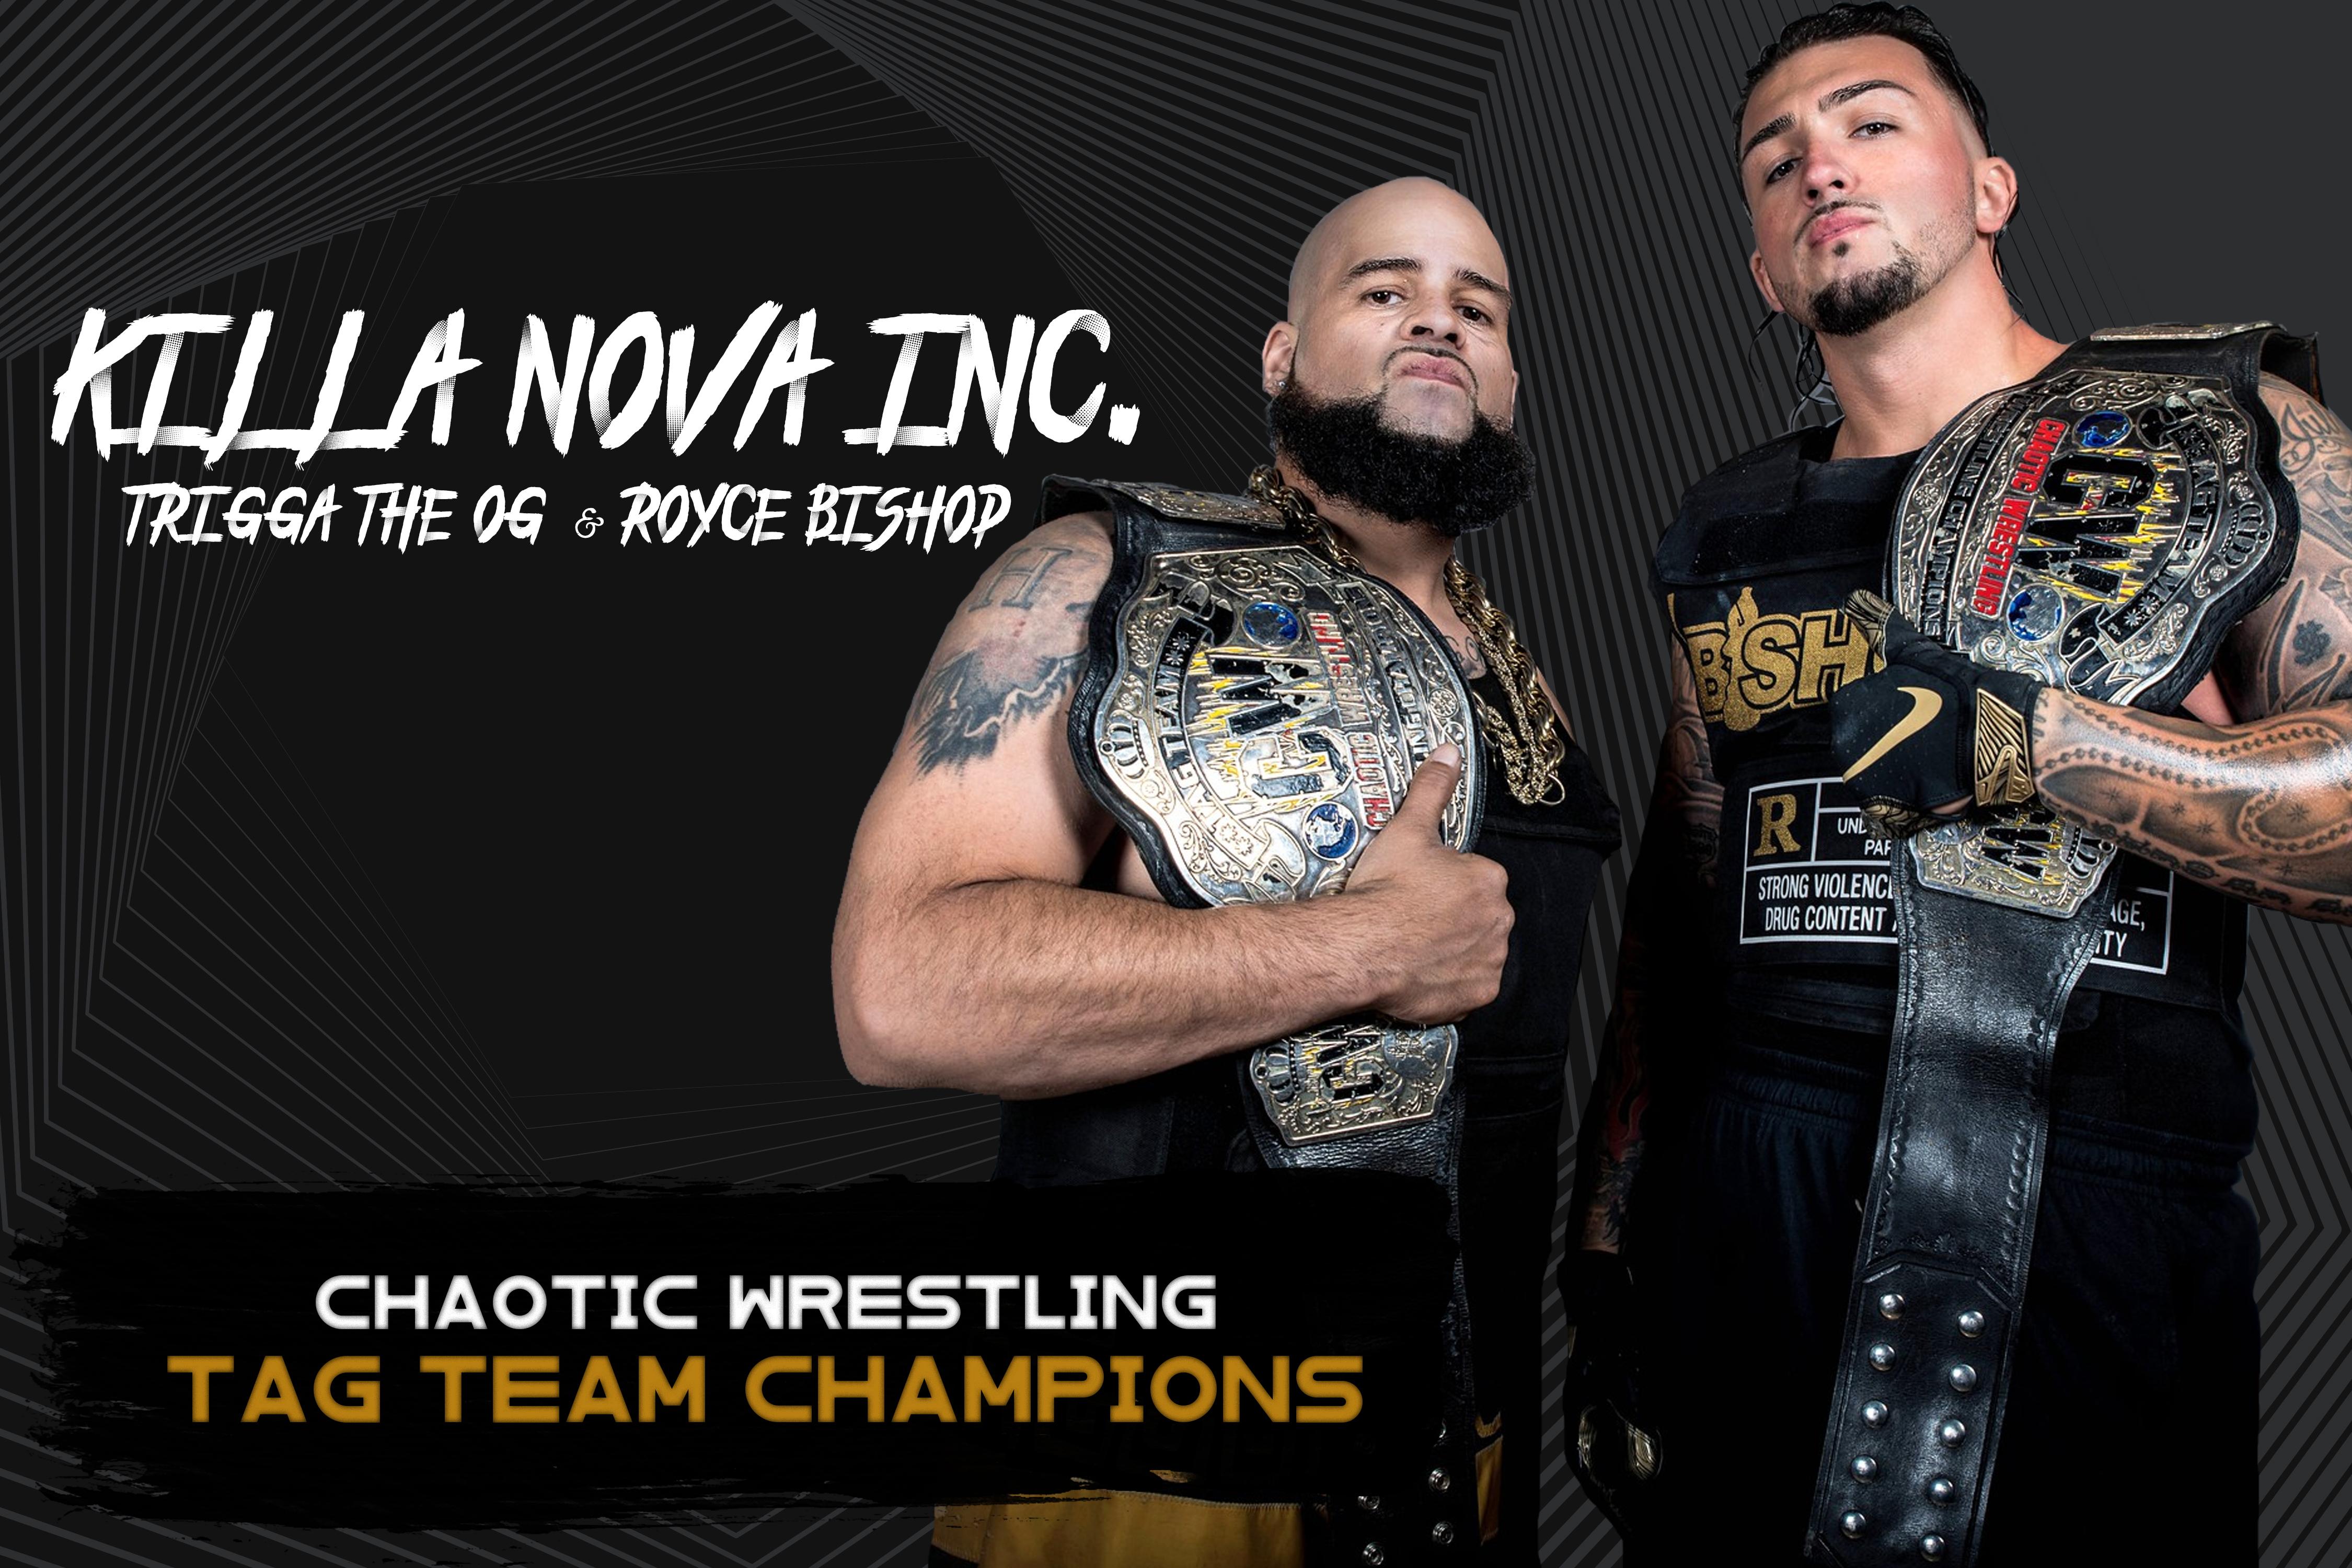 Killa Nova Inc.